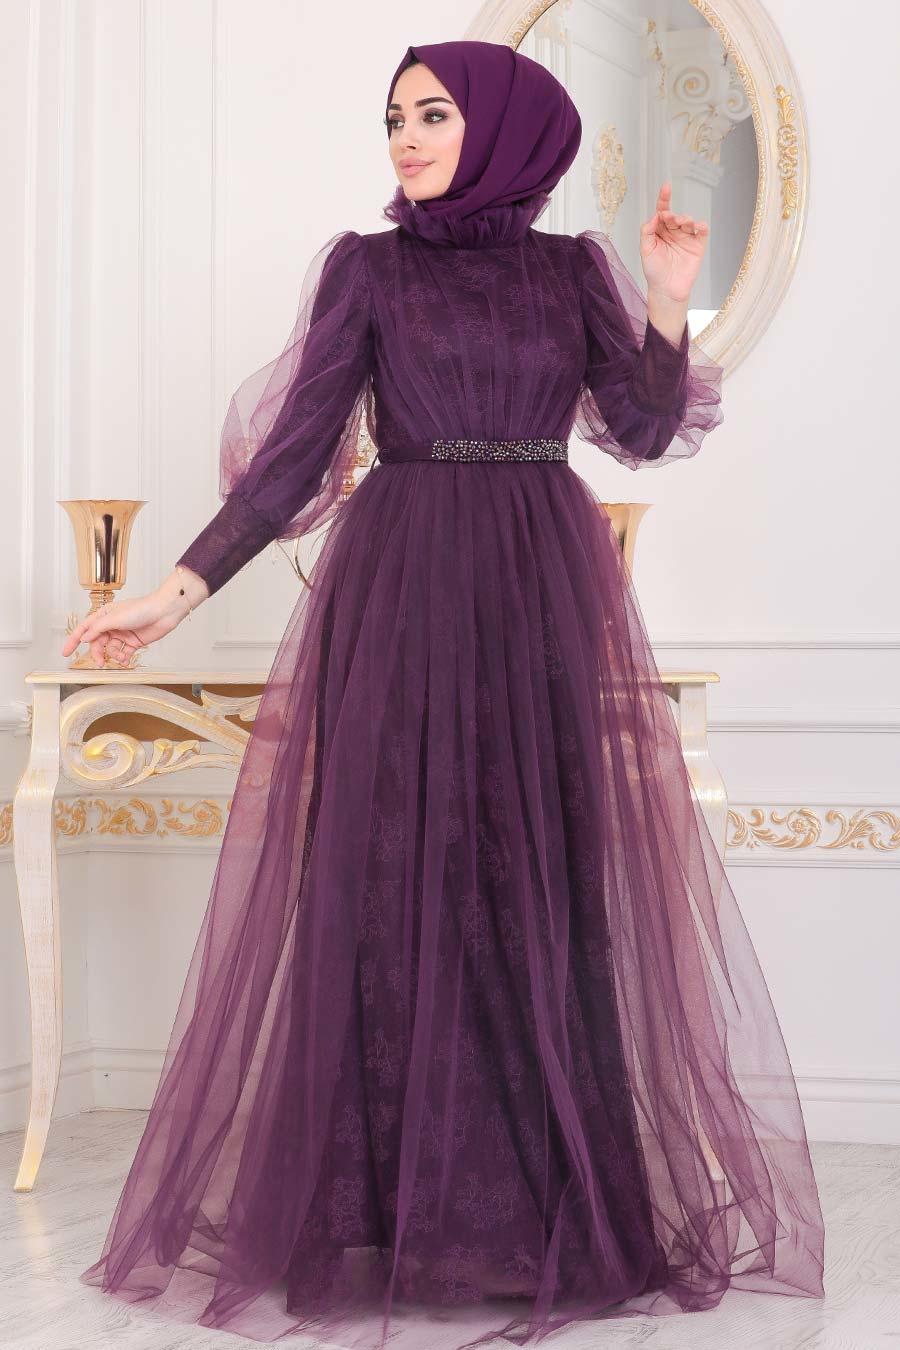 Tesettürlü Abiye Elbise - Dantel İşlemeli Mürdüm Tesettür Abiye Elbise 40440MU